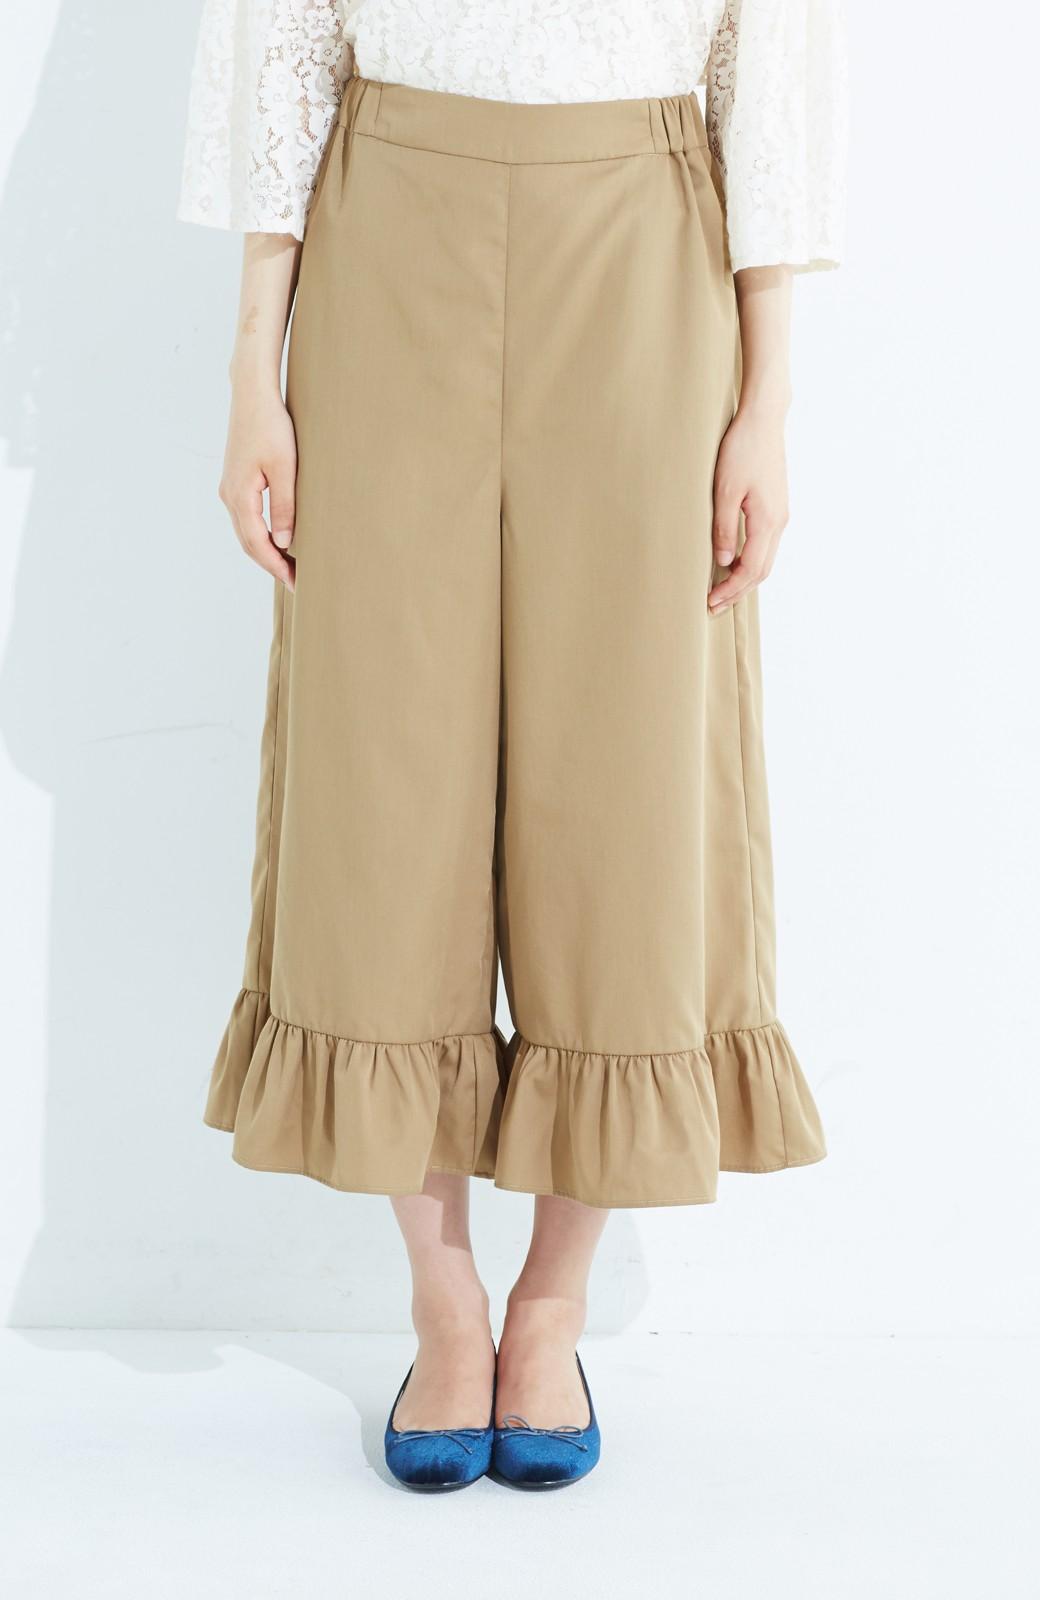 haco! スカート気分で楽しめる 華やかフレアーパンツ <ベージュ>の商品写真1